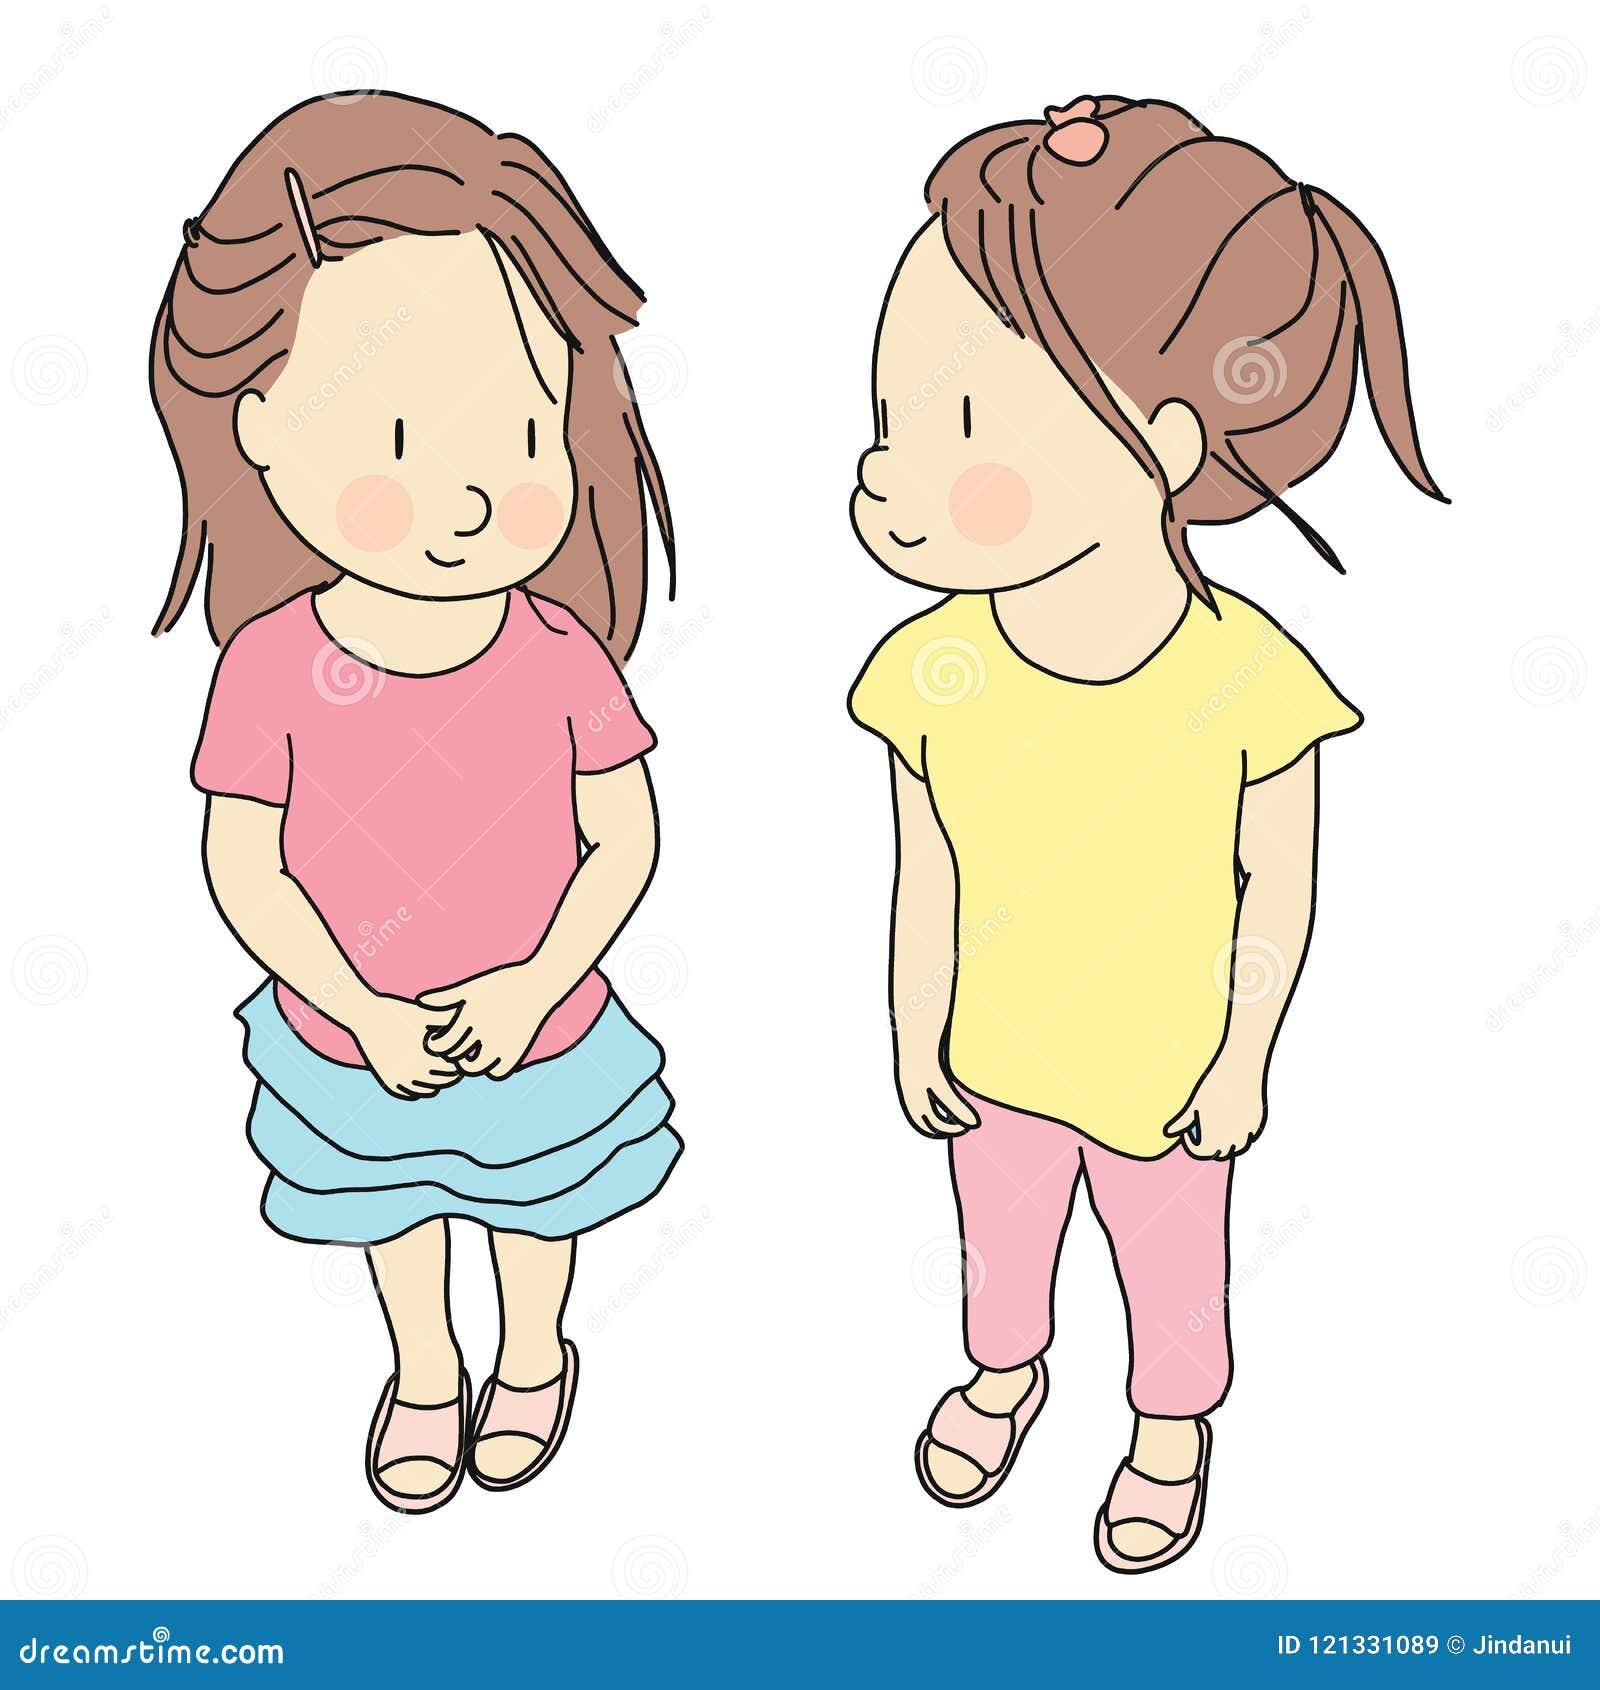 Διανυσματική απεικόνιση δύο παιδιών που στέκονται και που χαμογελούν από κοινού Πρόωρη ανάπτυξη παιδικής ηλικίας, ευτυχής ημέρα π